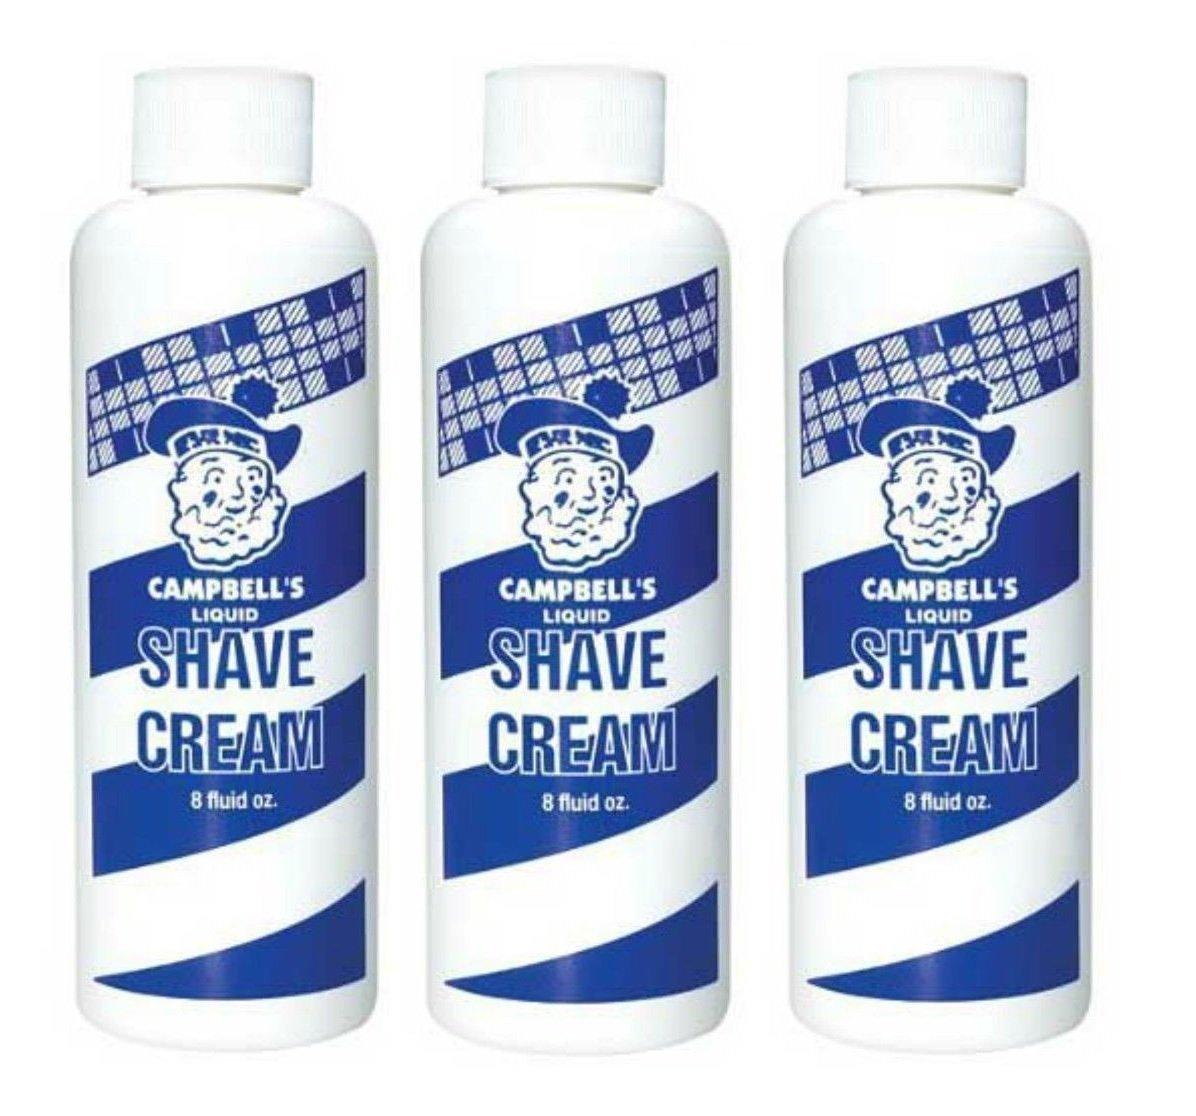 Campbell's Liquid Shave Cream Original Formula 8 oz Set of 3pcs